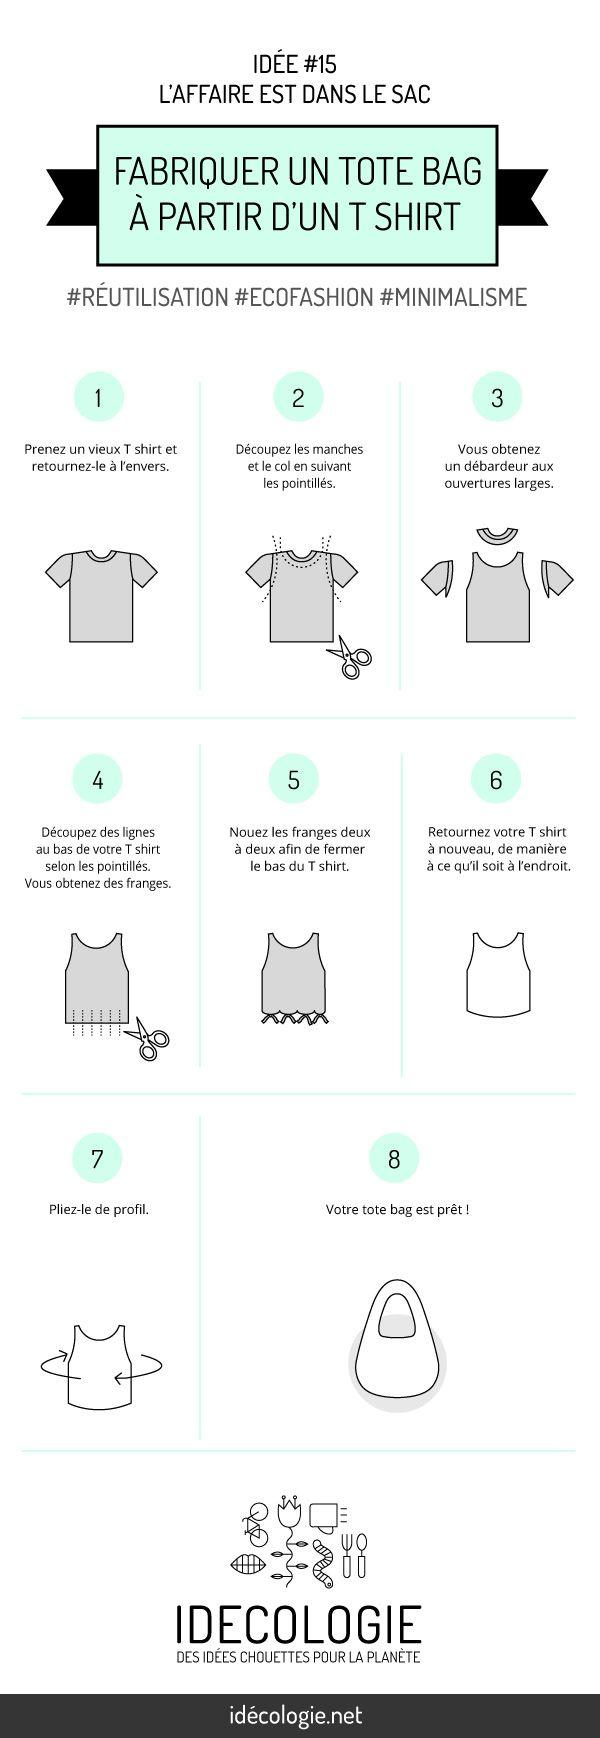 Fabriquer un tote bag à partir d'un T shirt #reutilisation #zerodechet #minimalisme #idecologie